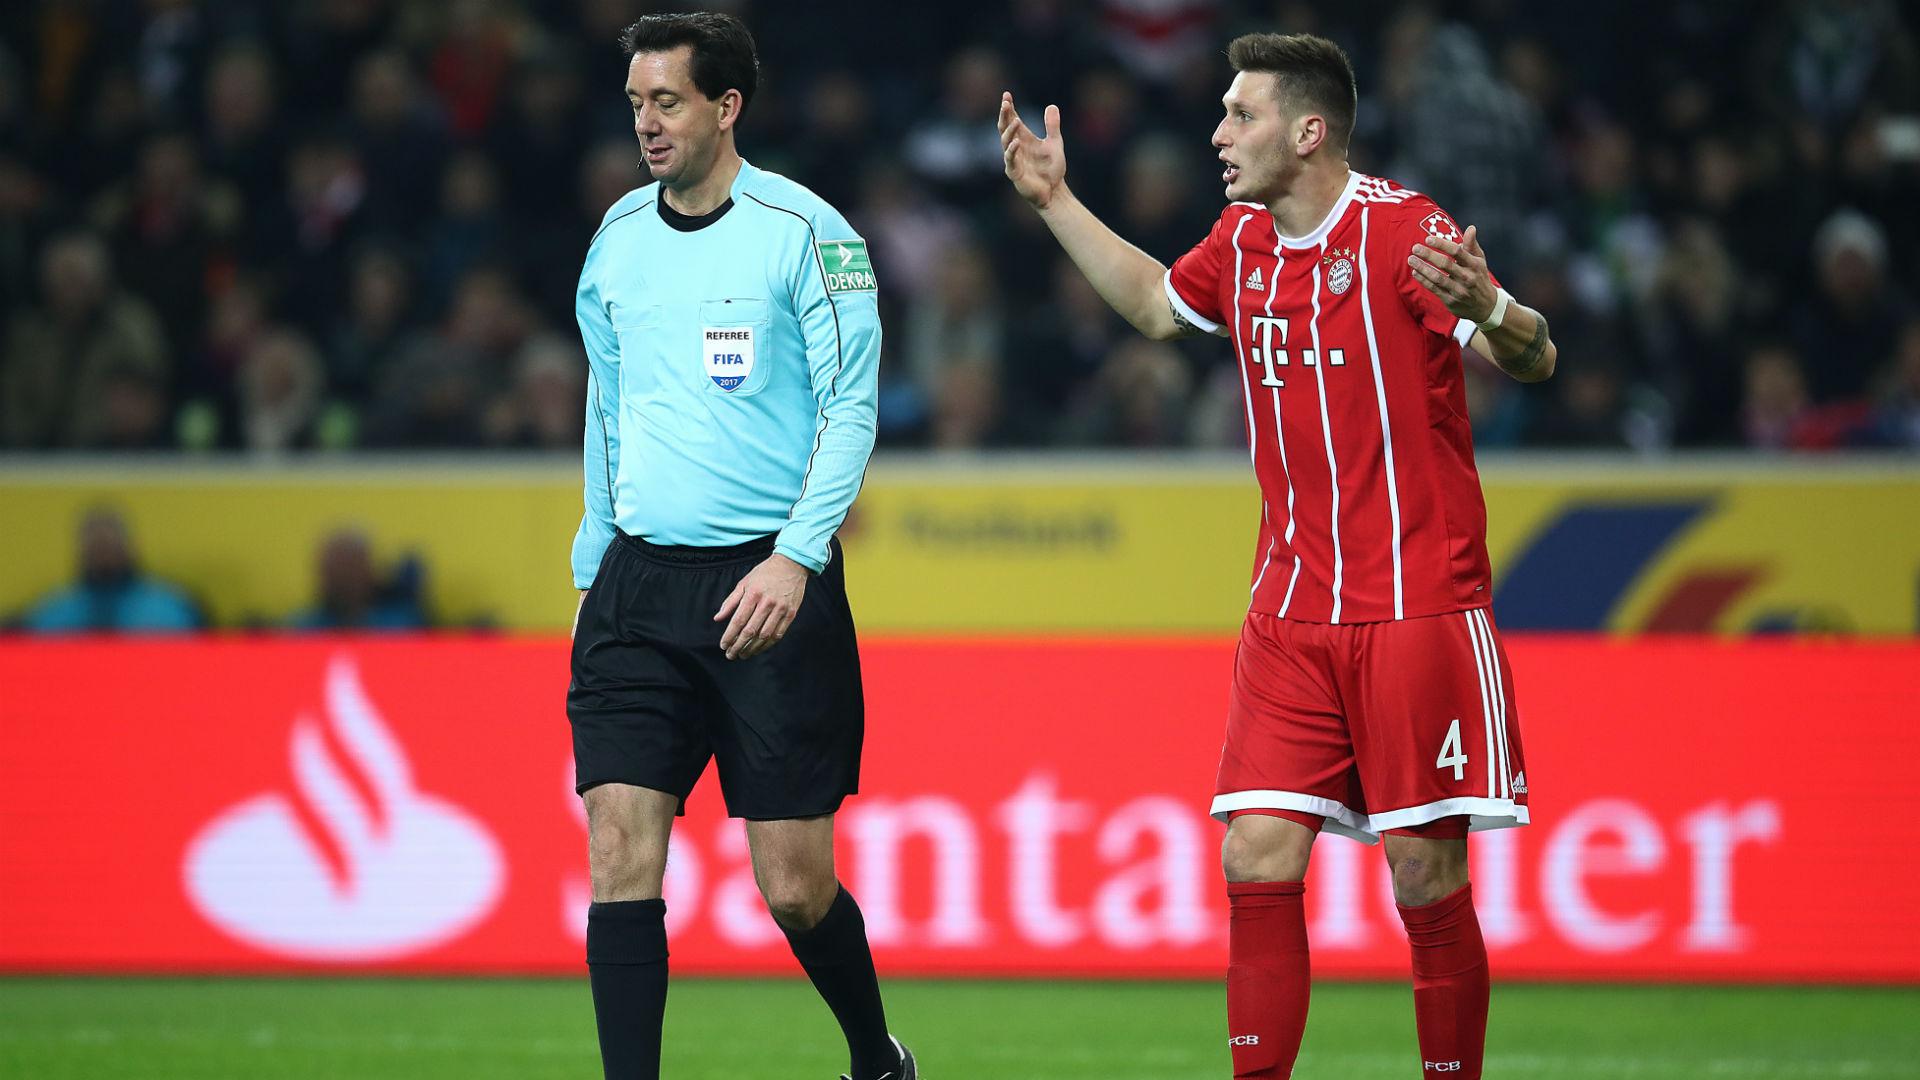 Borussia Monchengladbach 2-1 Bayern Munich